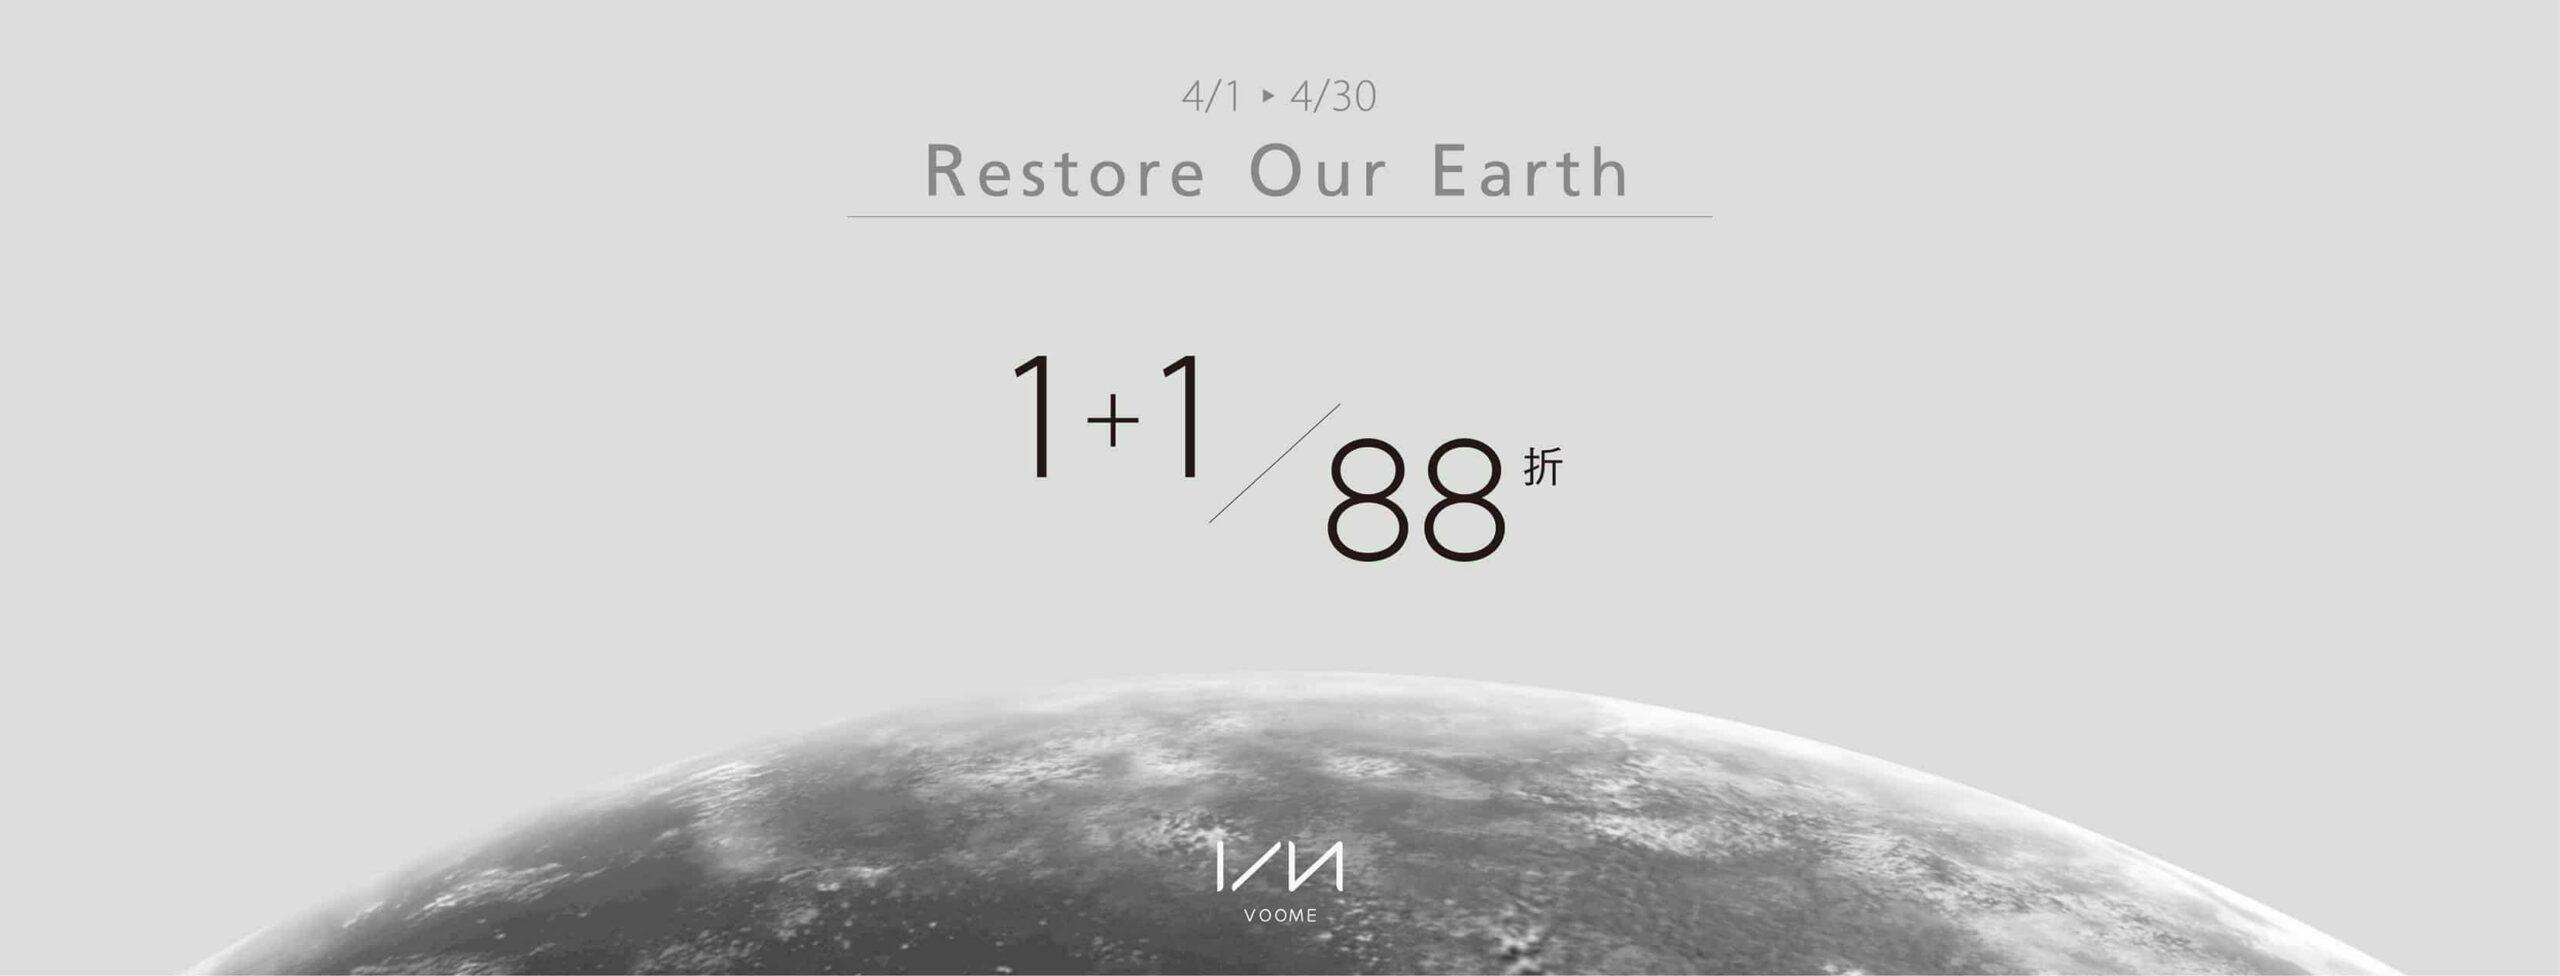 VOOME 於4/1~4/30期間, 響應地球月行動,特別推出1+1兩款任選搭配組合價88折。